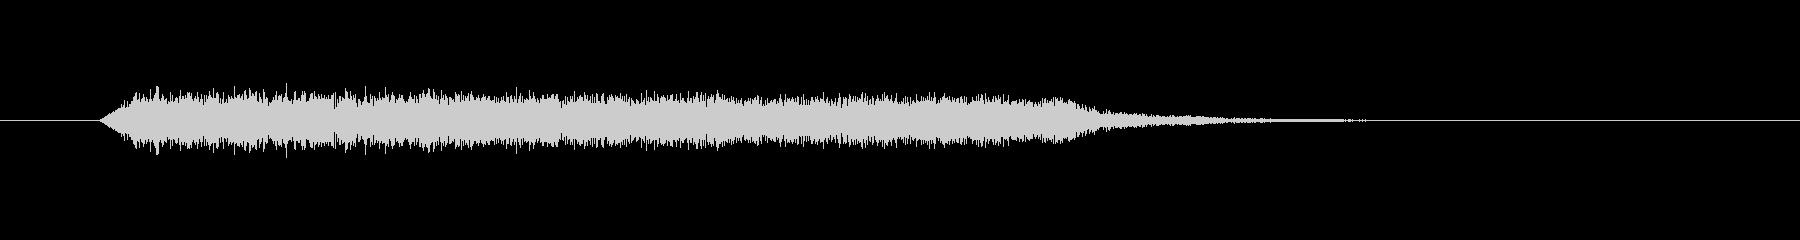 パチンコスーパーリーチ系上昇音の未再生の波形